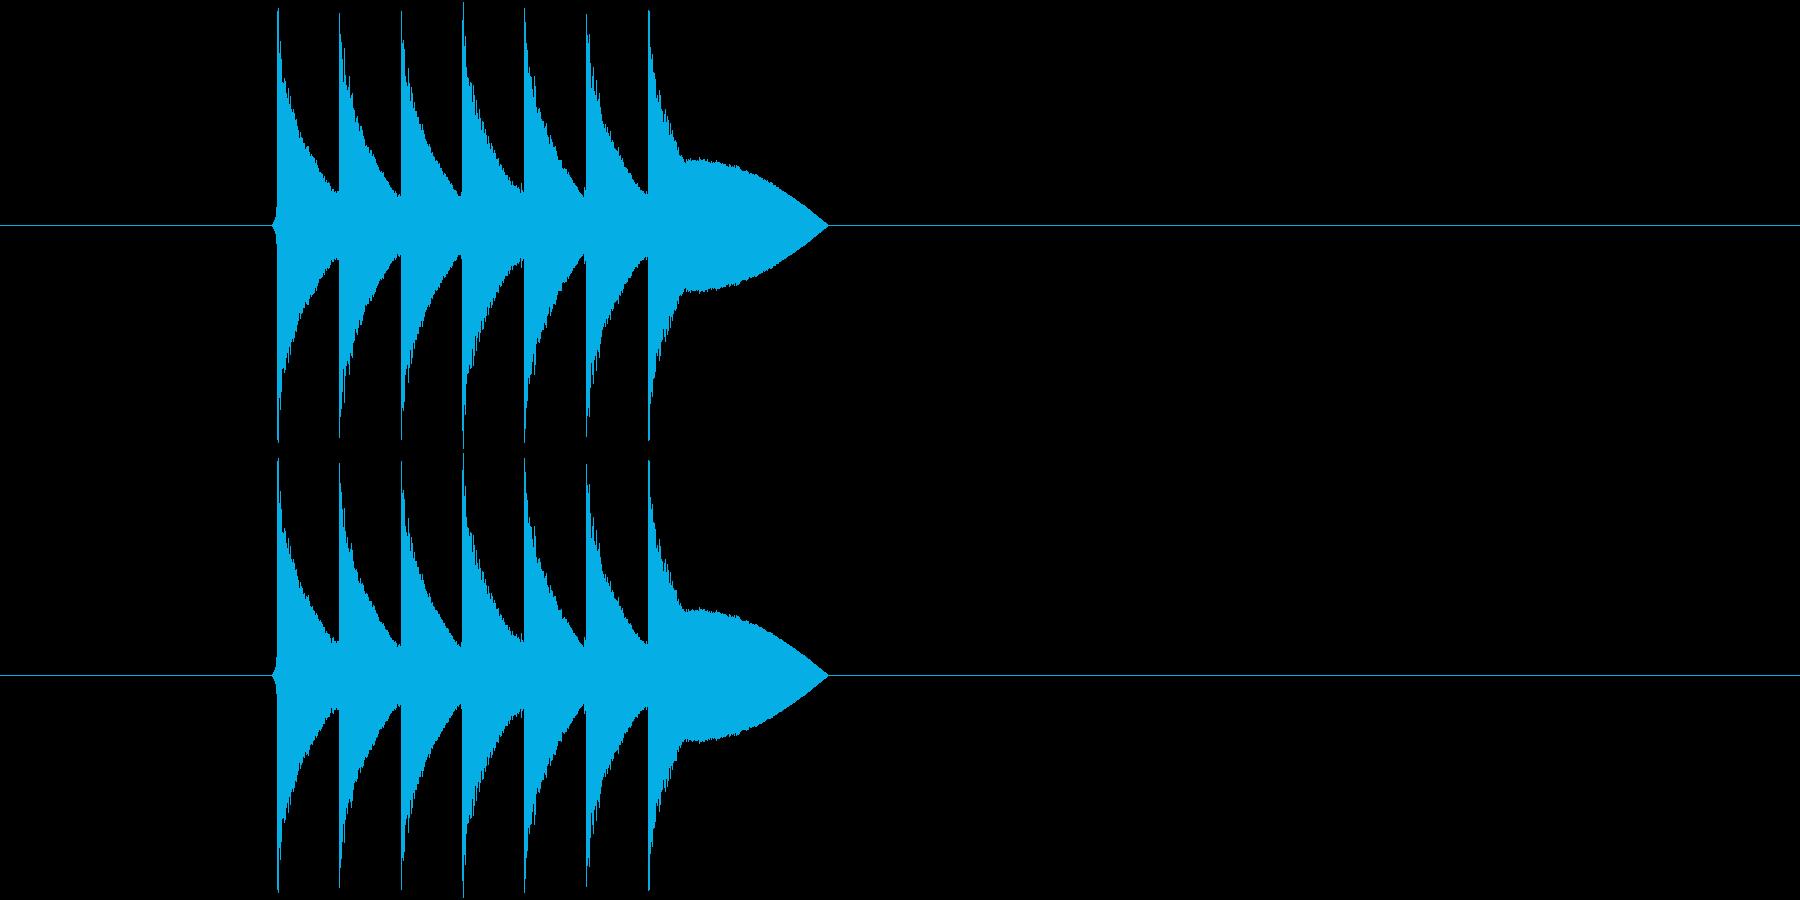 ゲーム、クイズ(正解)_008の再生済みの波形